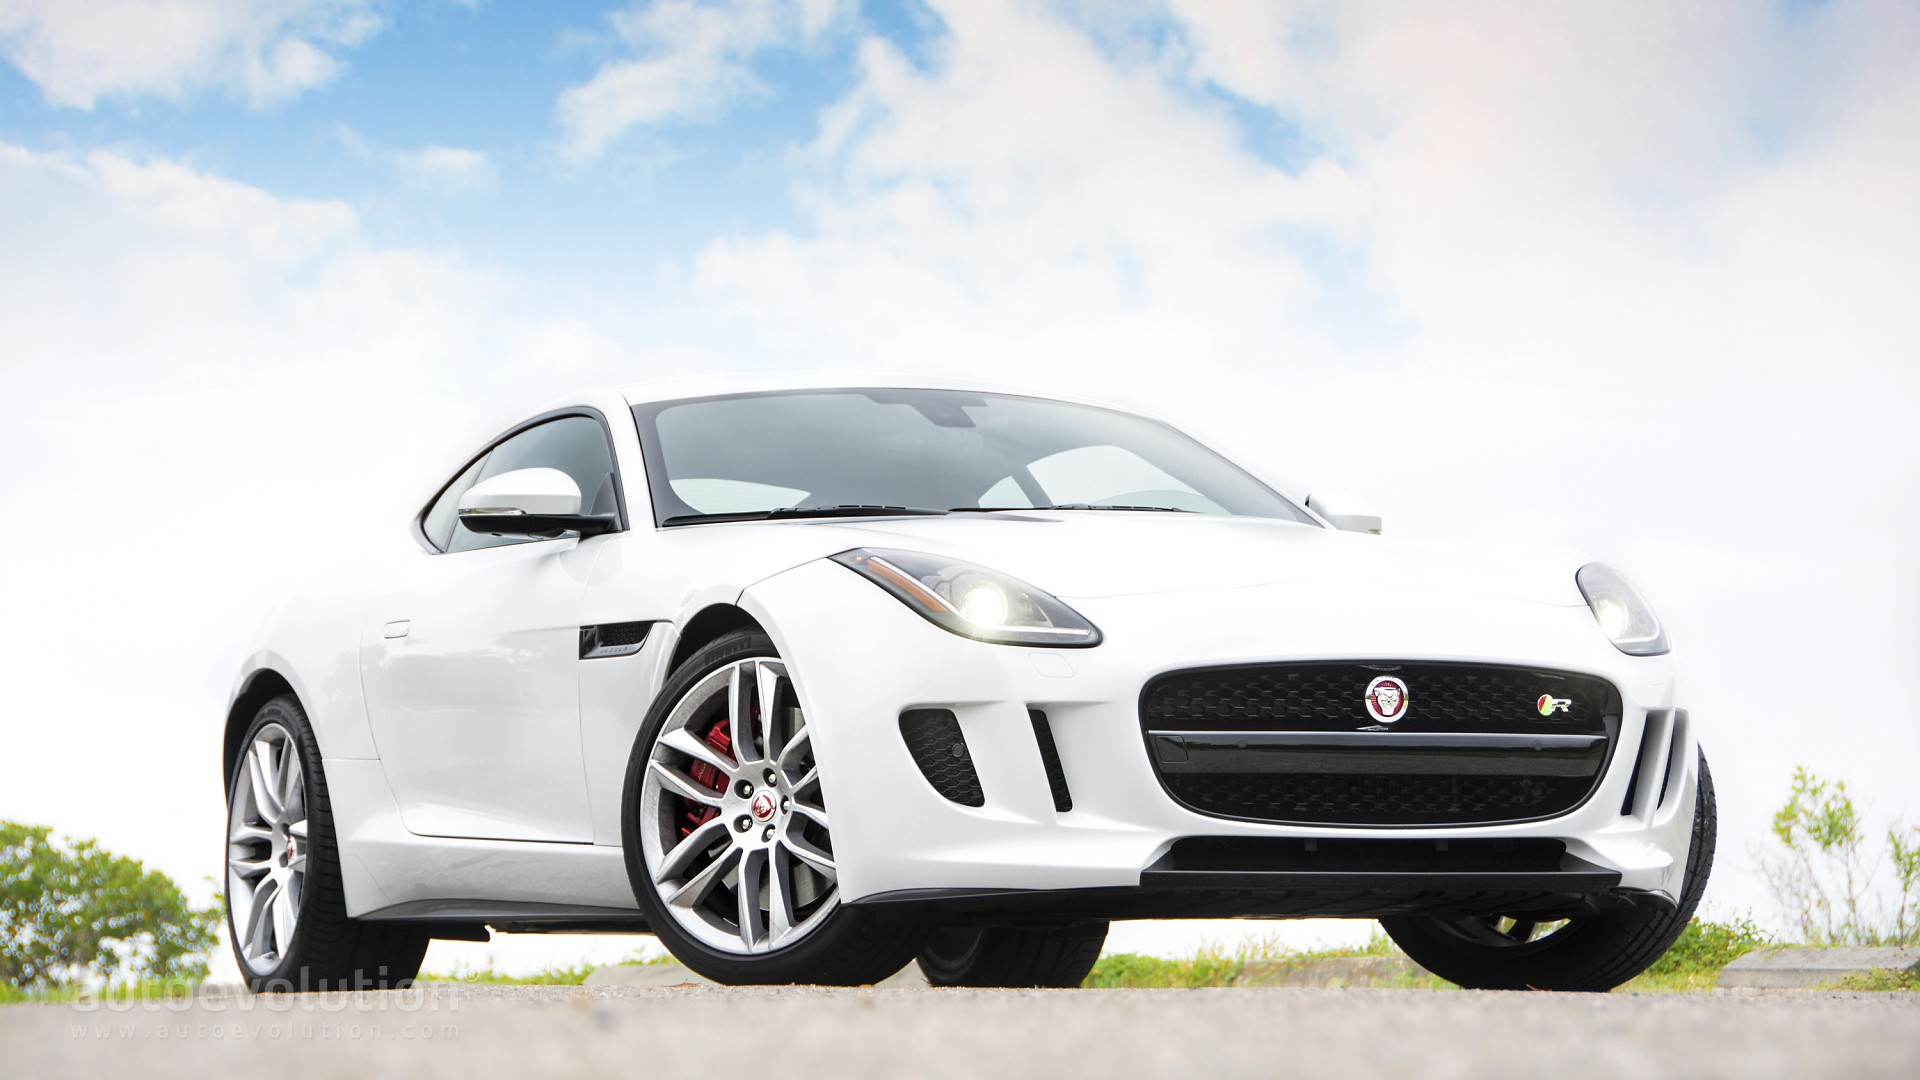 2015 jaguar f type r coupe review autoevolution 2015 jaguar f type r coupe review